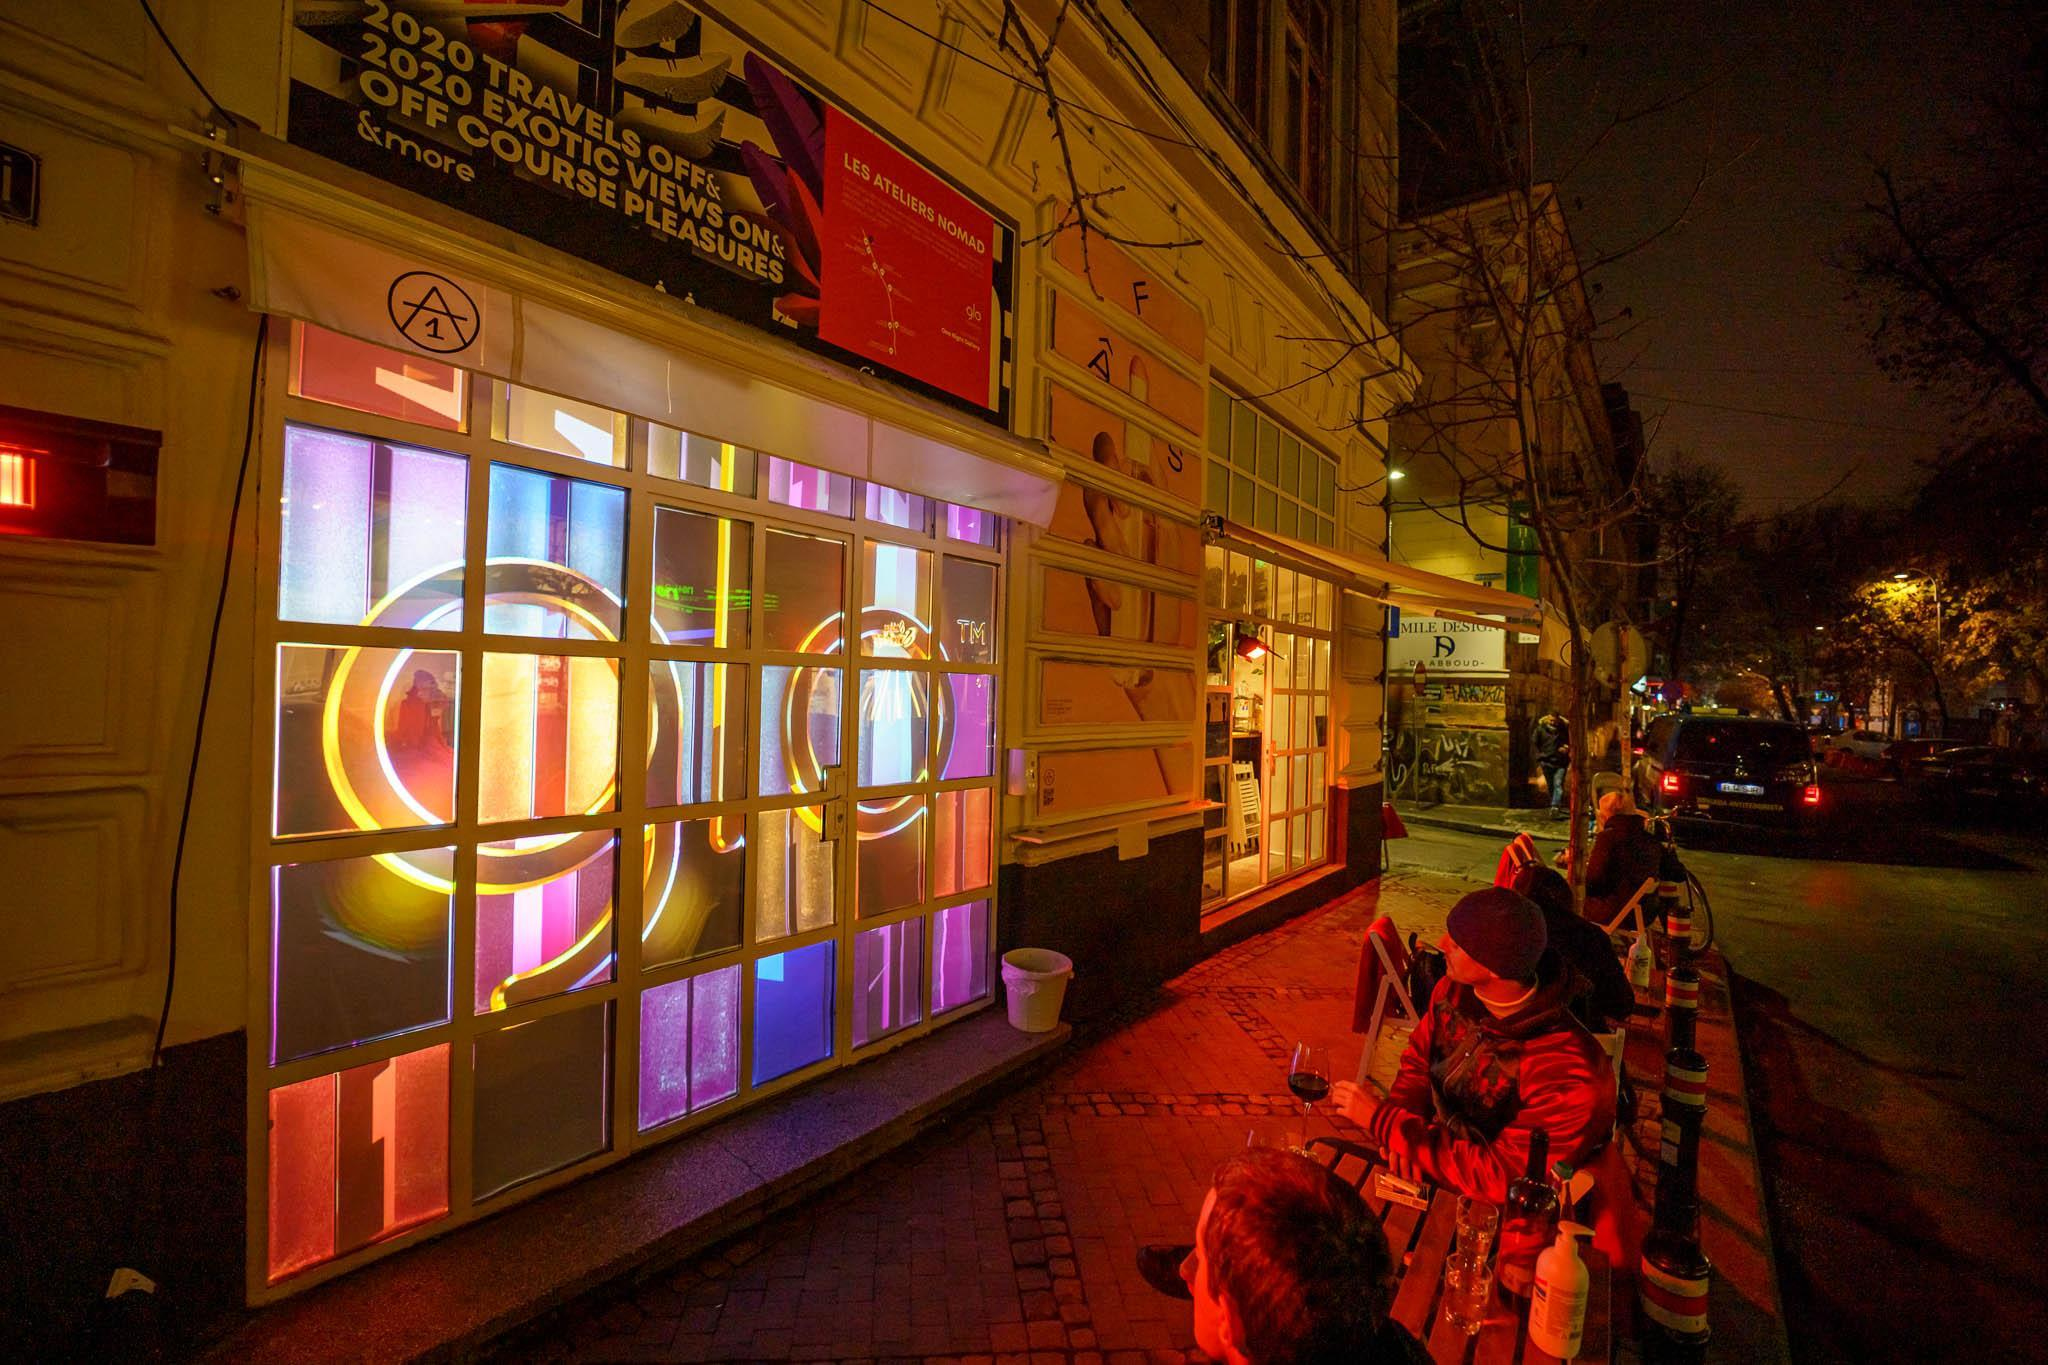 (P) Aurora Boreală și vacanțe exotice pe Calea Victoriei. Evenimentul de neratat din București!